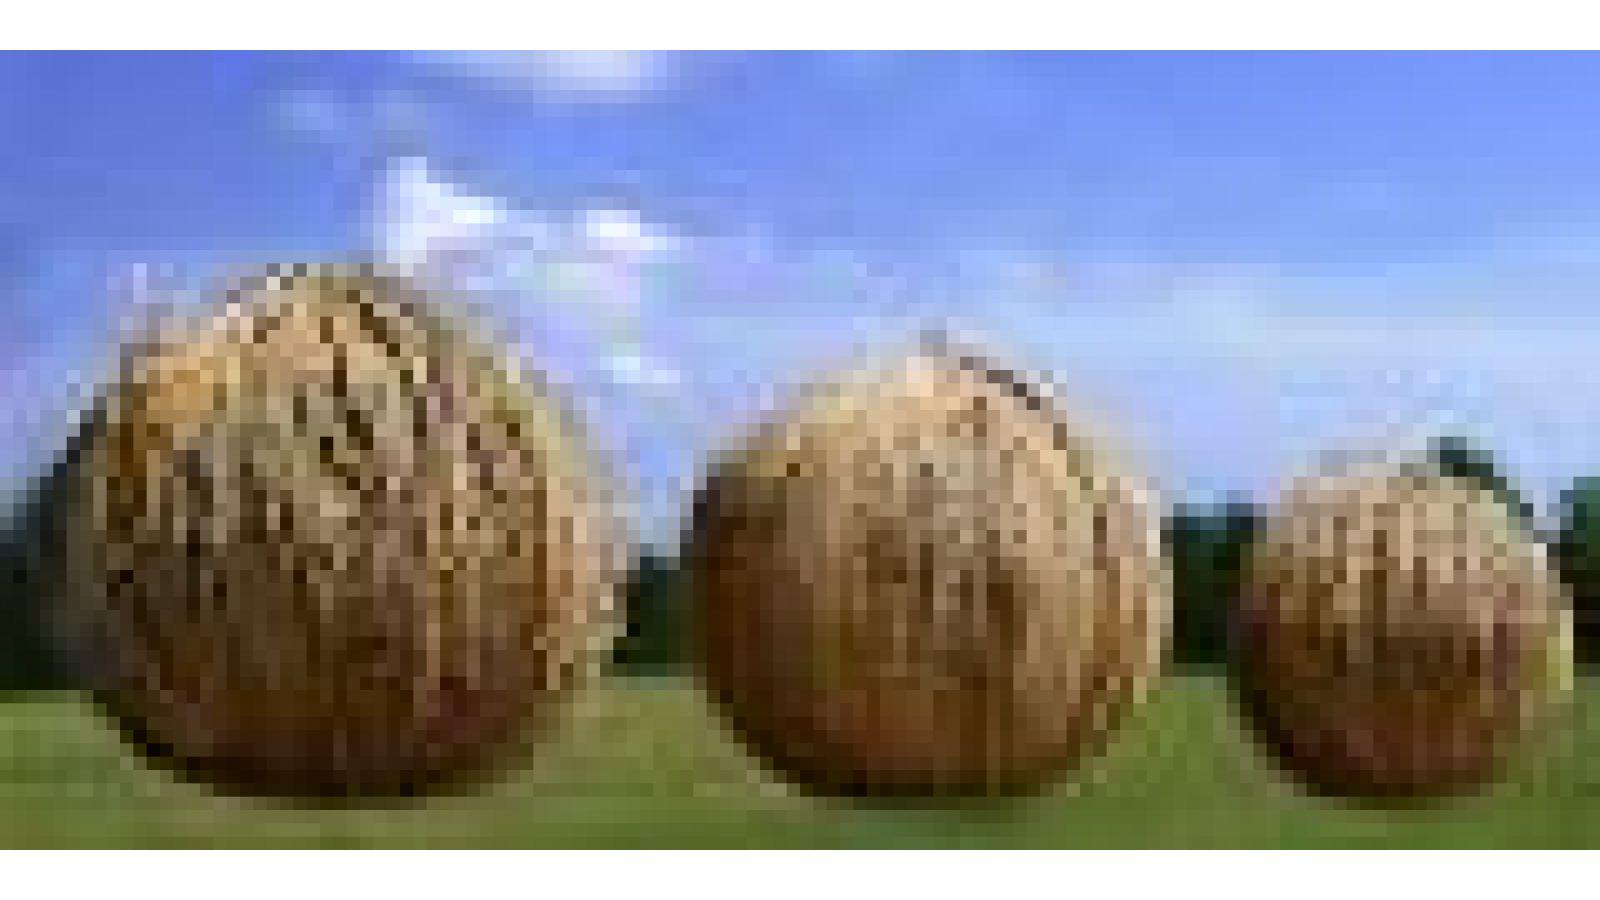 The BIG BALLS